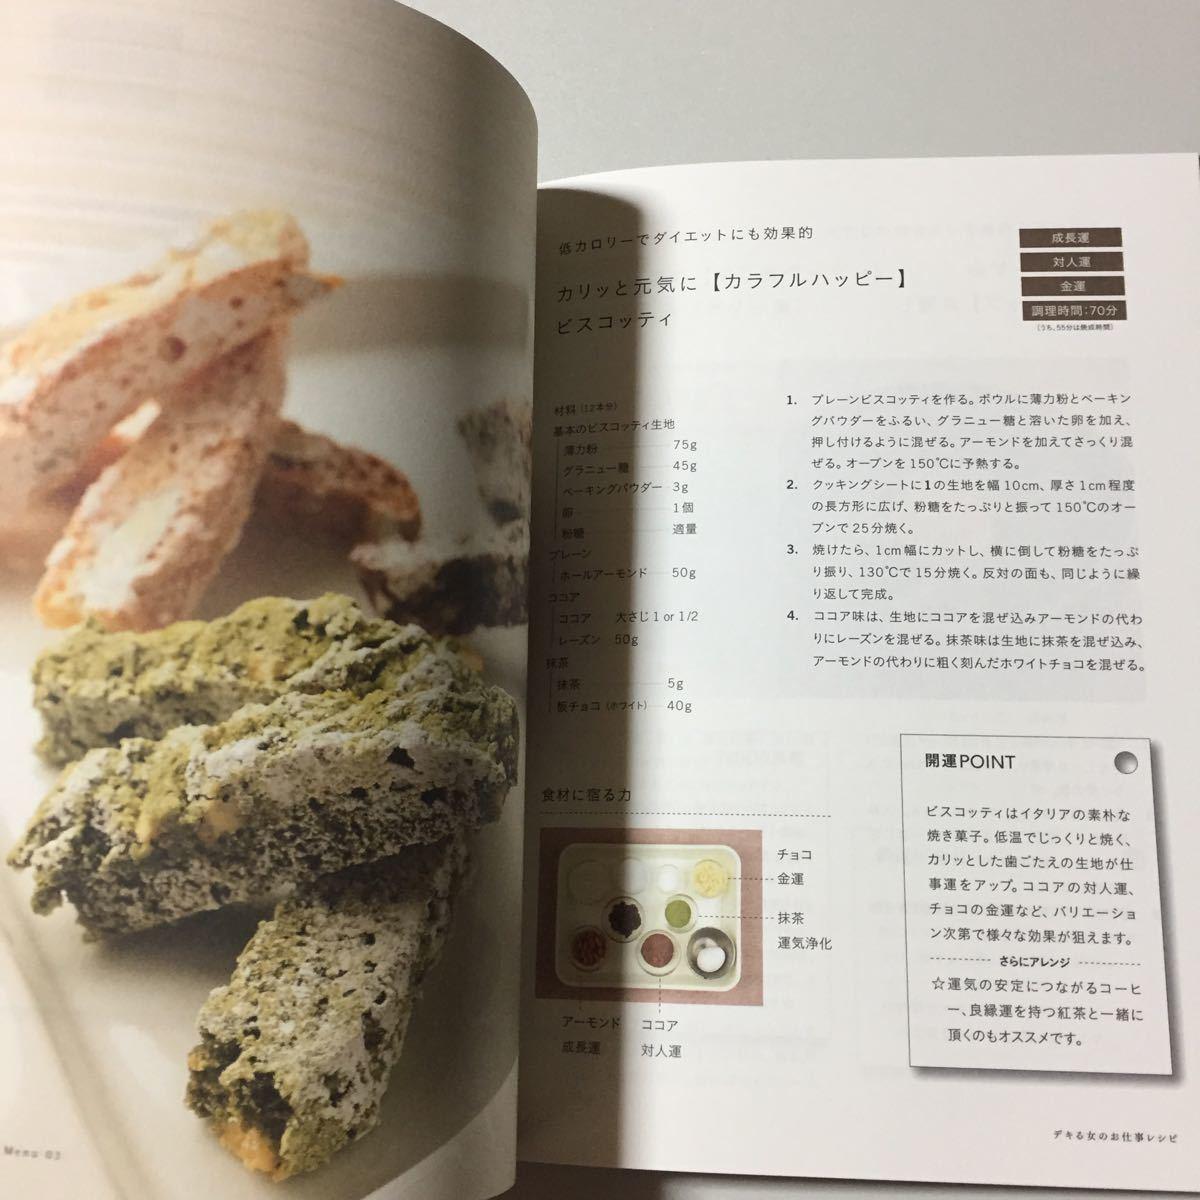 ☆開運レシピ癒しごはん -食材に宿る風水パワー&運気強化の調理法でヒーリングー